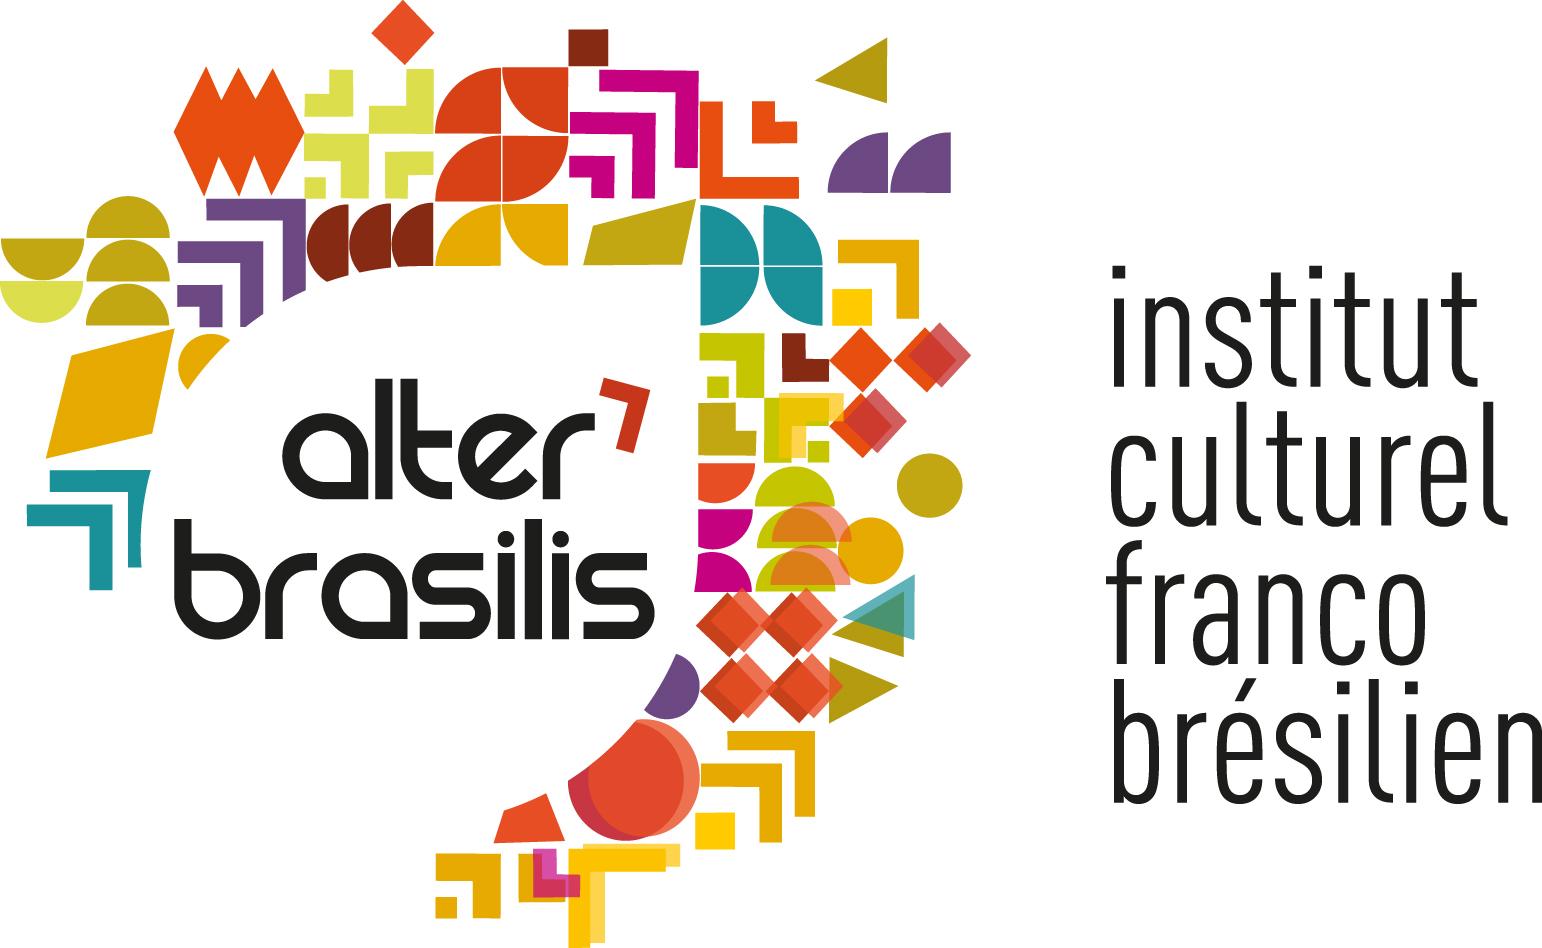 institut culturel alter'brasilis